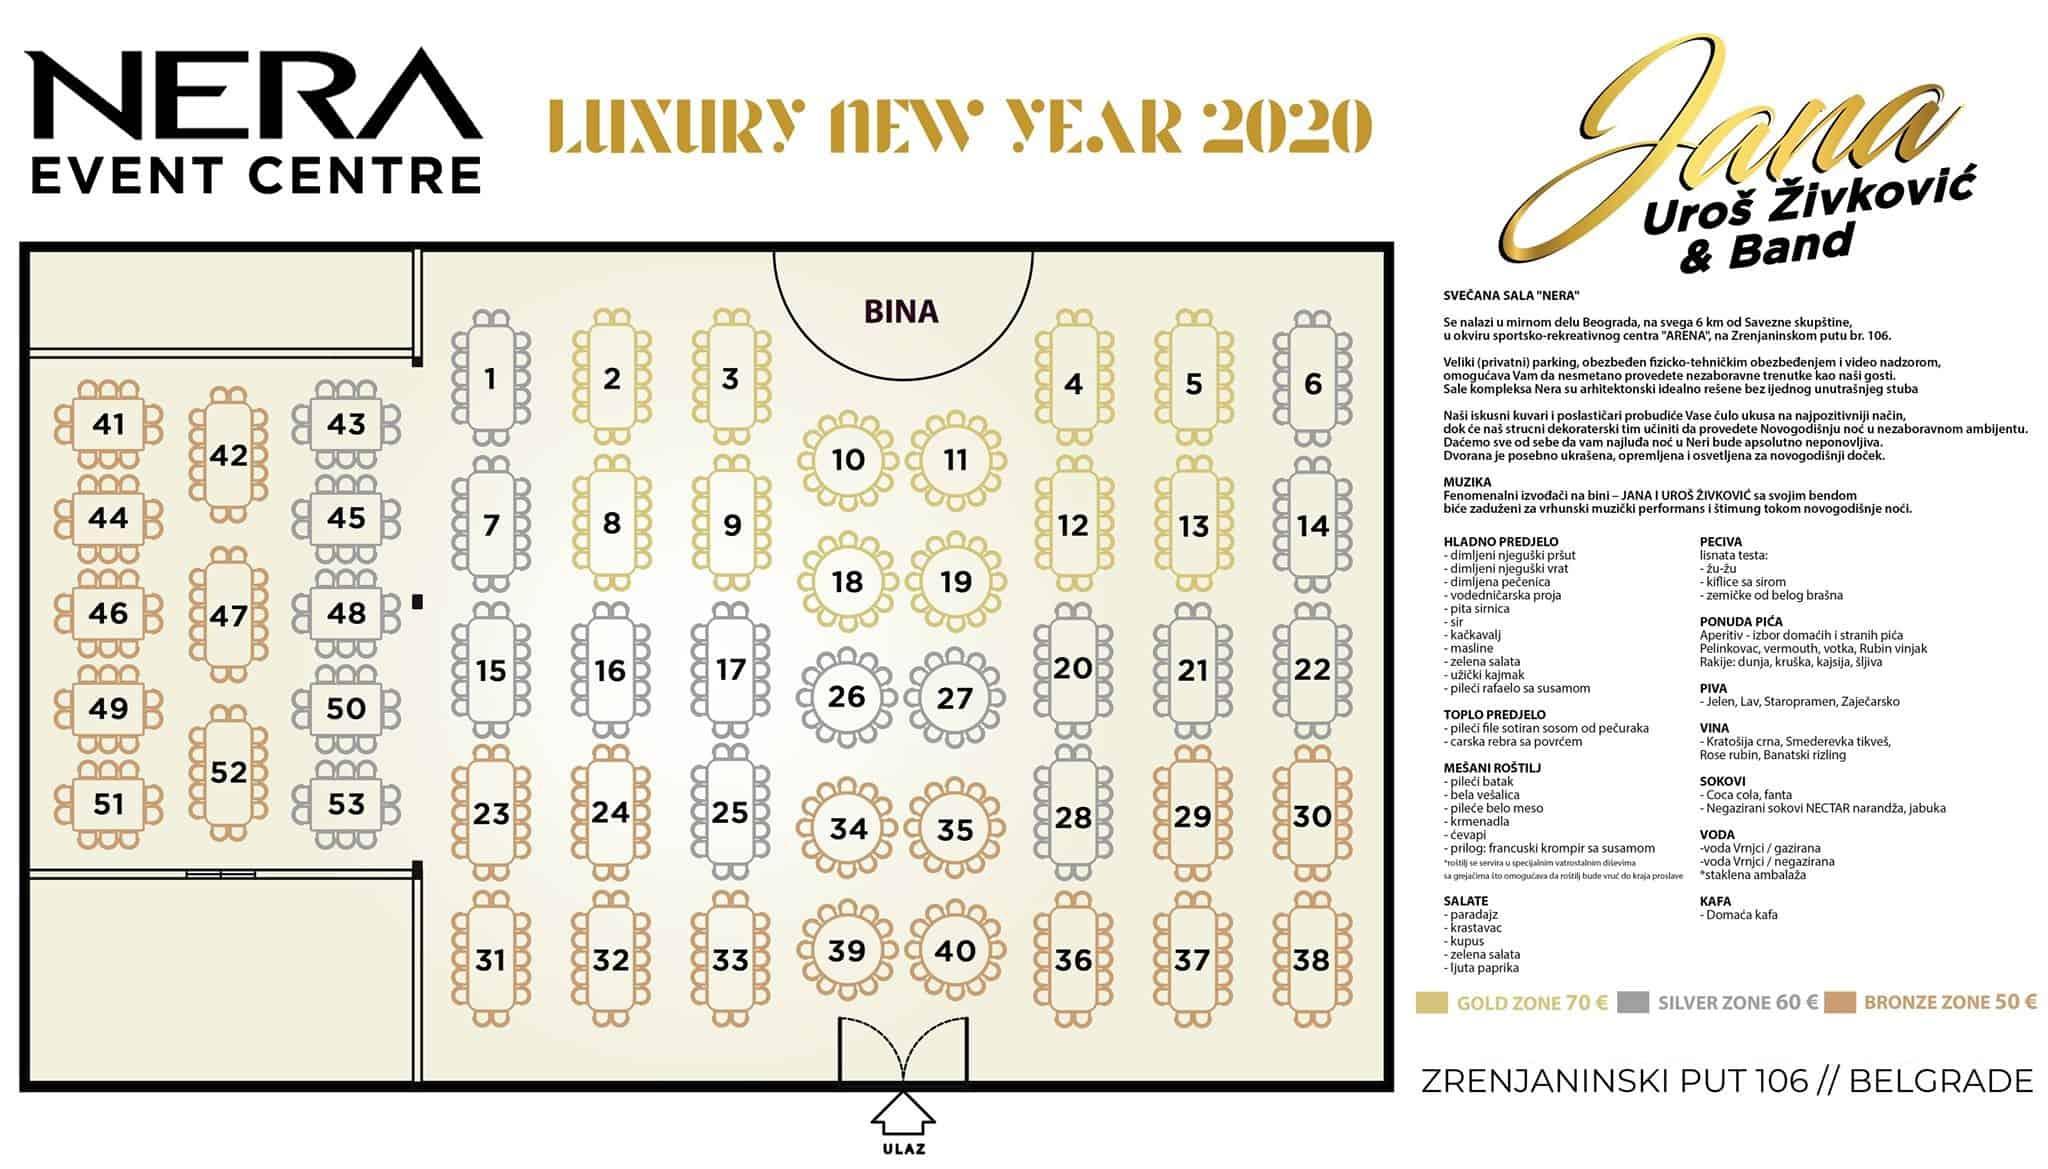 Docek Nove godine Beograd 2020 svecane sale Nera mapa 2